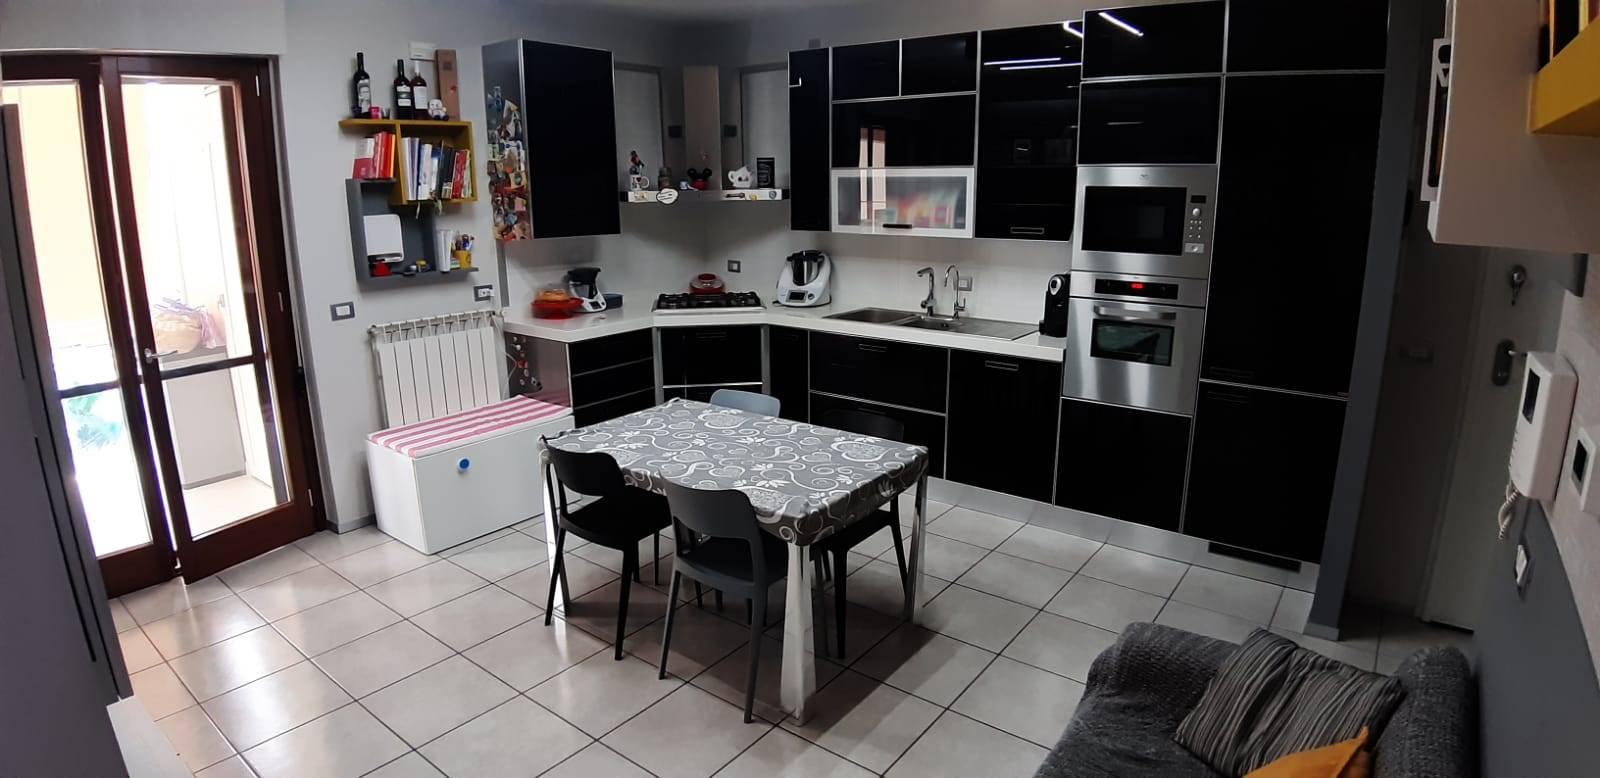 Appartamento in vendita a Barletta, 3 locali, zona Località: 167, prezzo € 120.000 | CambioCasa.it